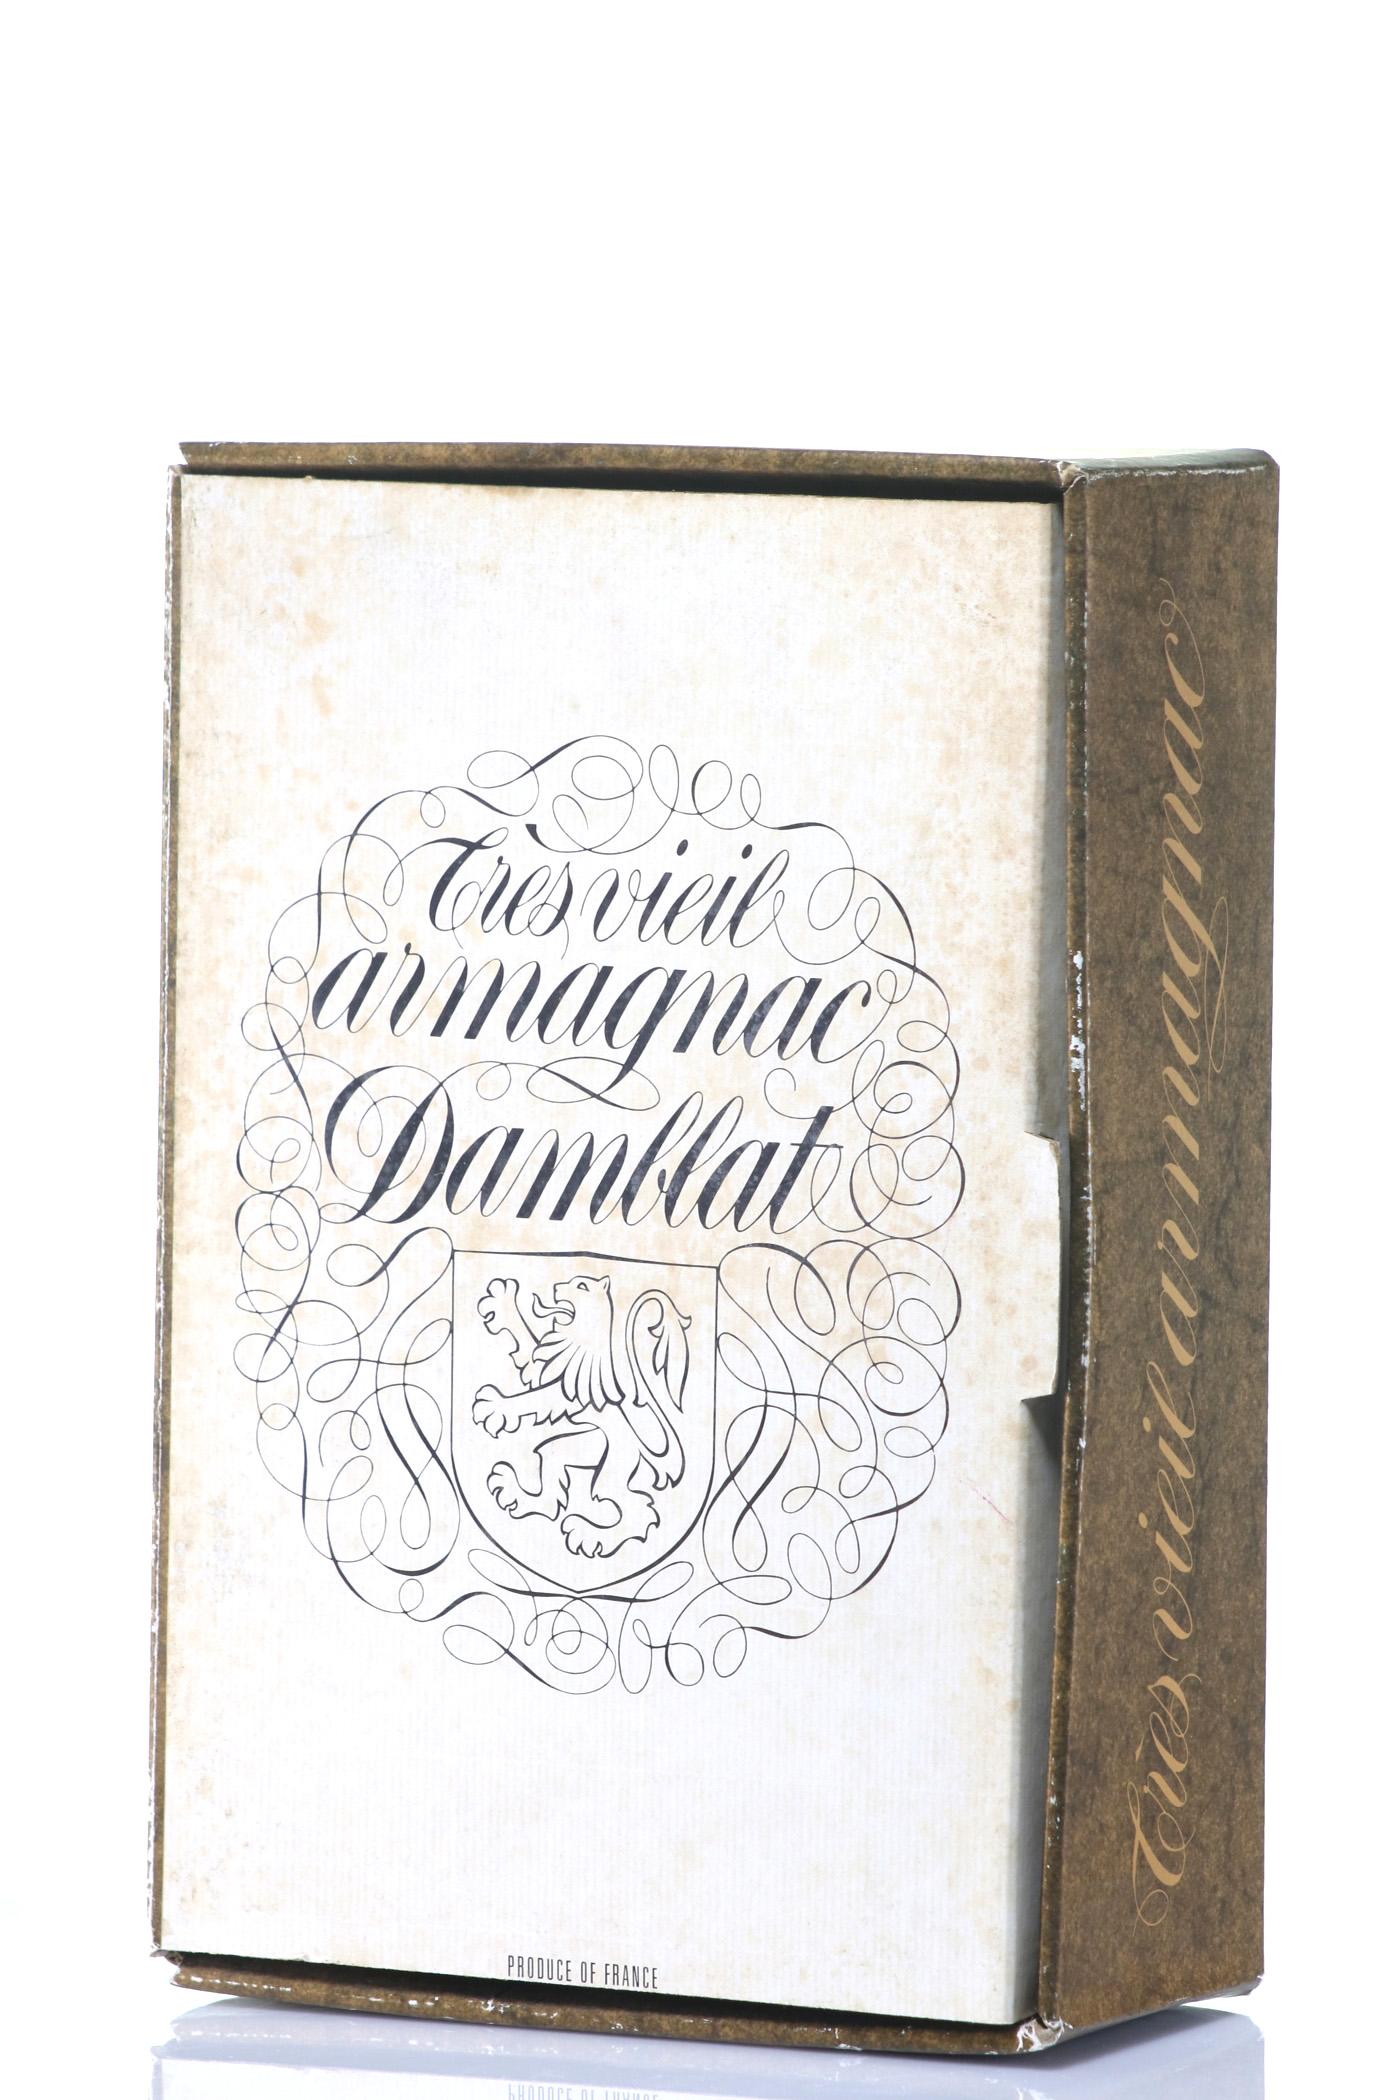 Armagnac 1896 Damblat